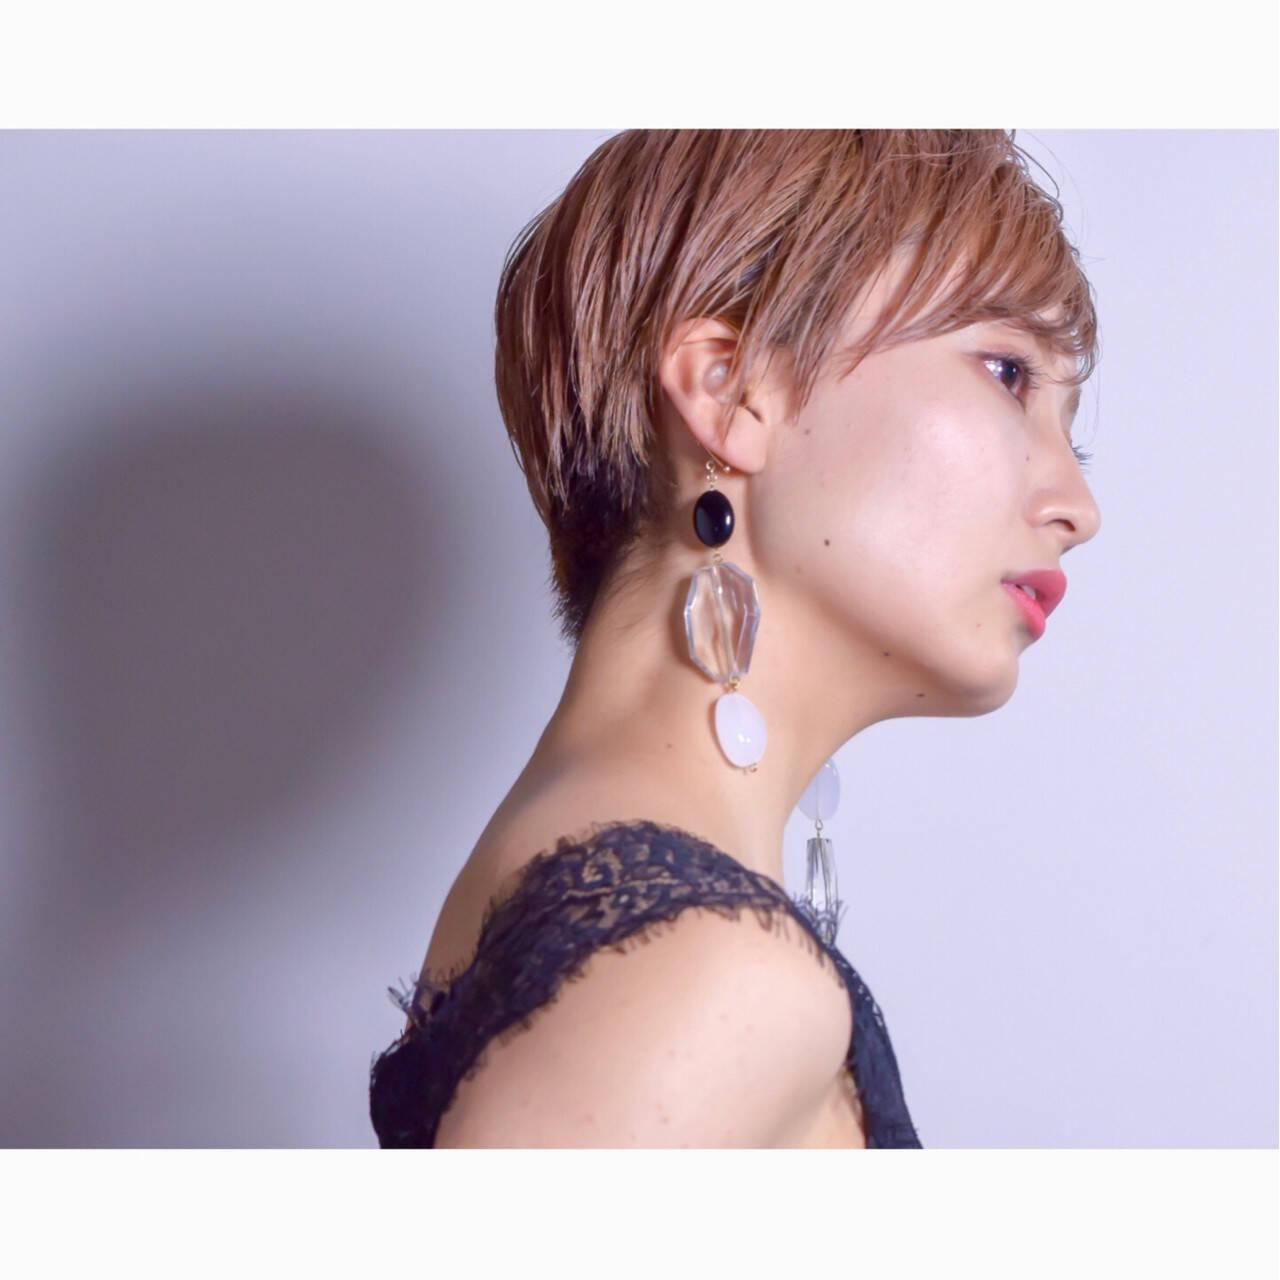 ベリーショート ダブルカラー アウトドア モードヘアスタイルや髪型の写真・画像